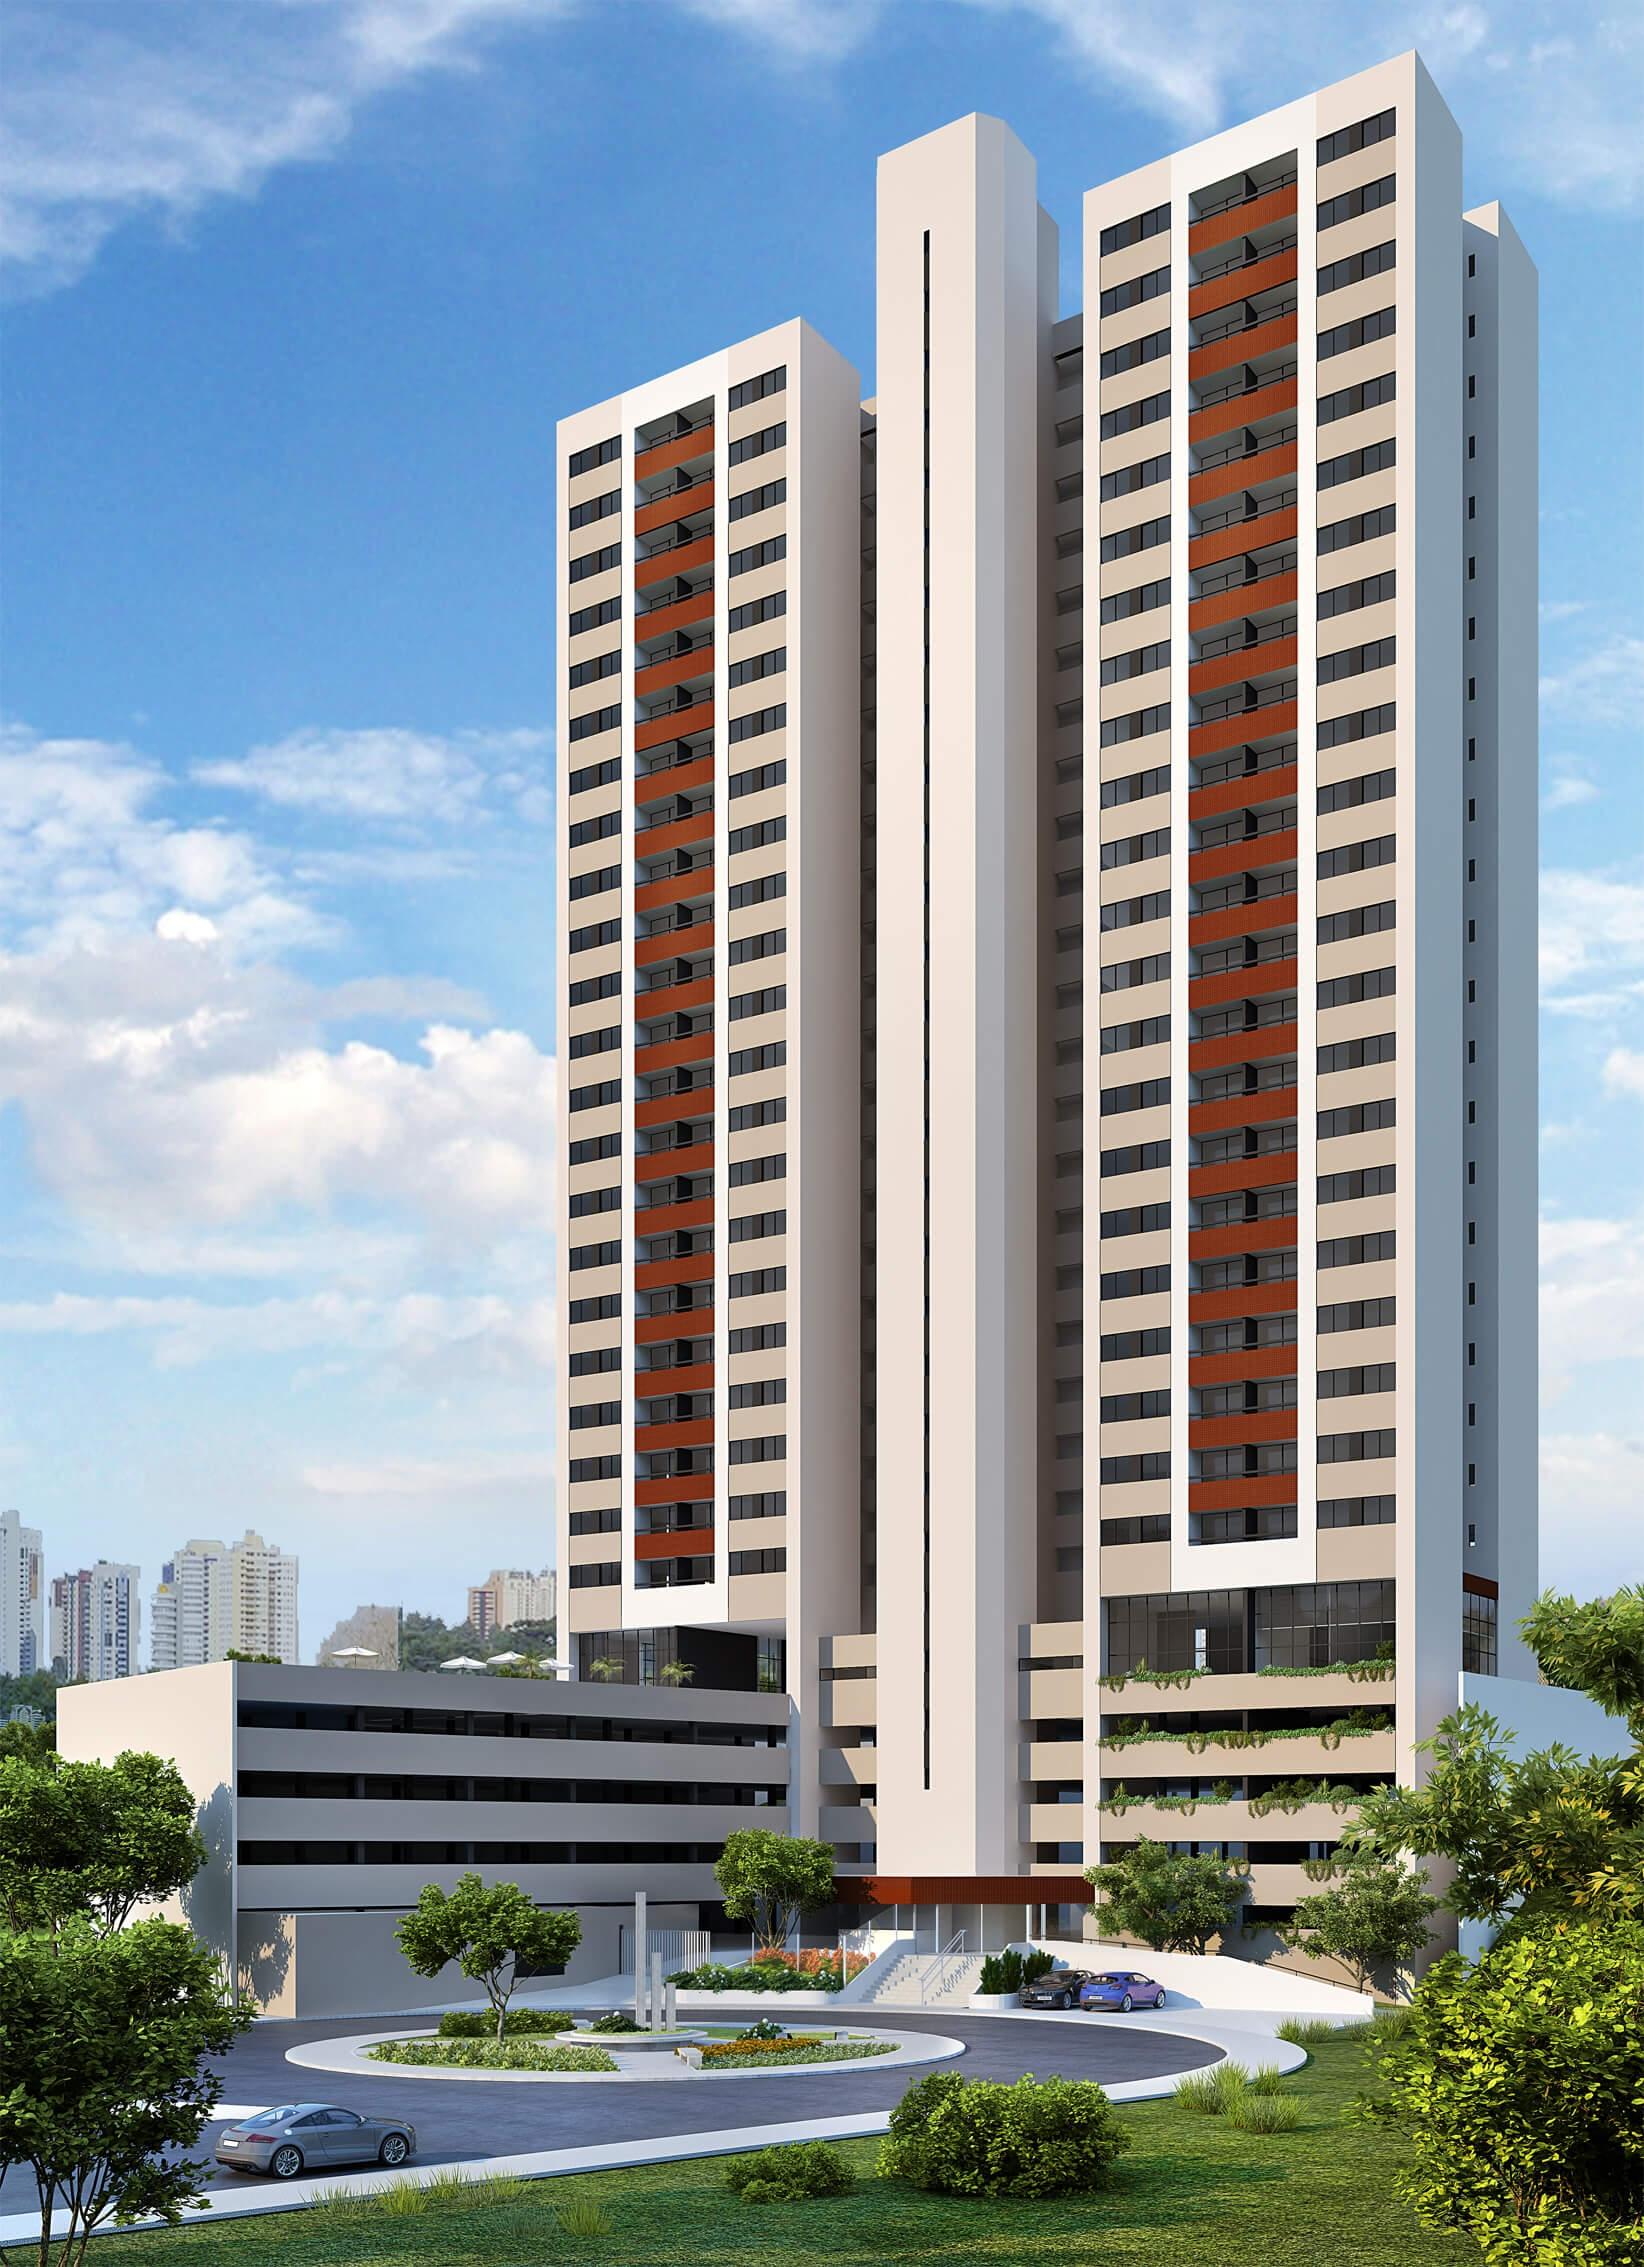 Perspectiva da fachada do GRAN Reserva Alto do Imbuí